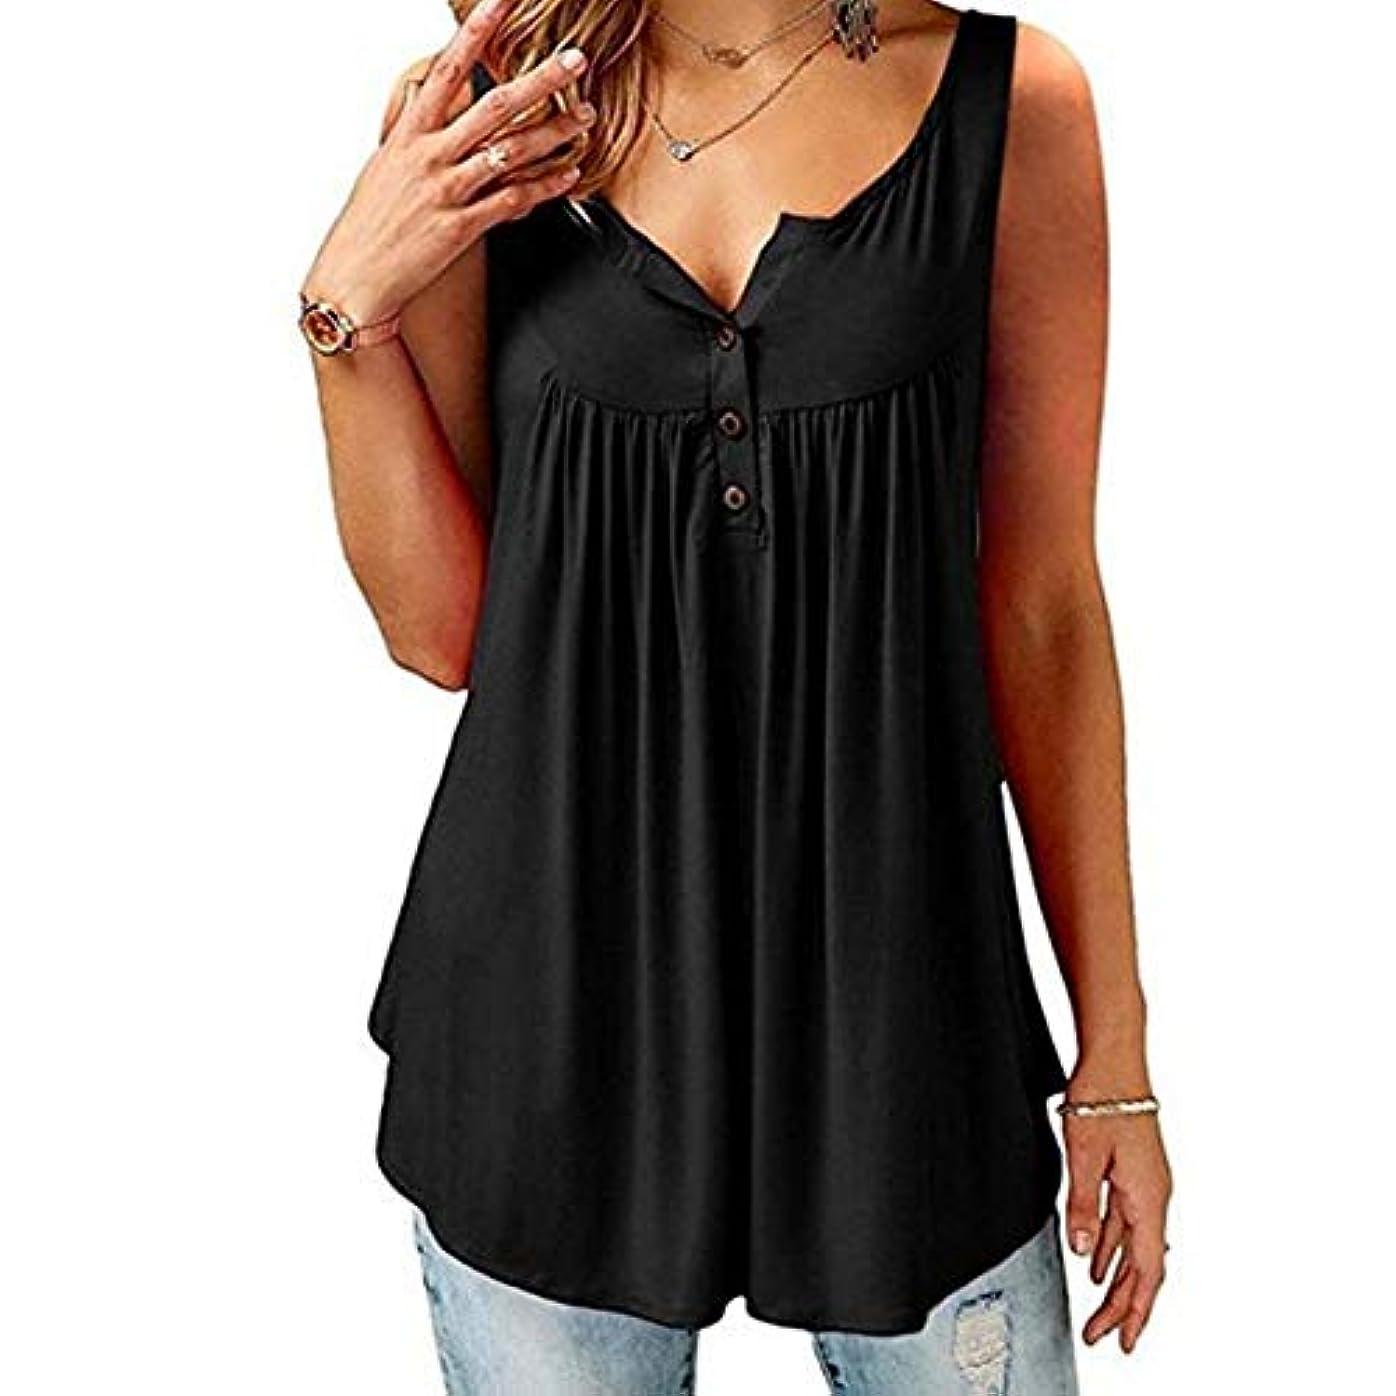 びっくりする会計士涙が出るMIFAN の女性のドレスカジュアルな不規則なドレスルースサマービーチTシャツドレス